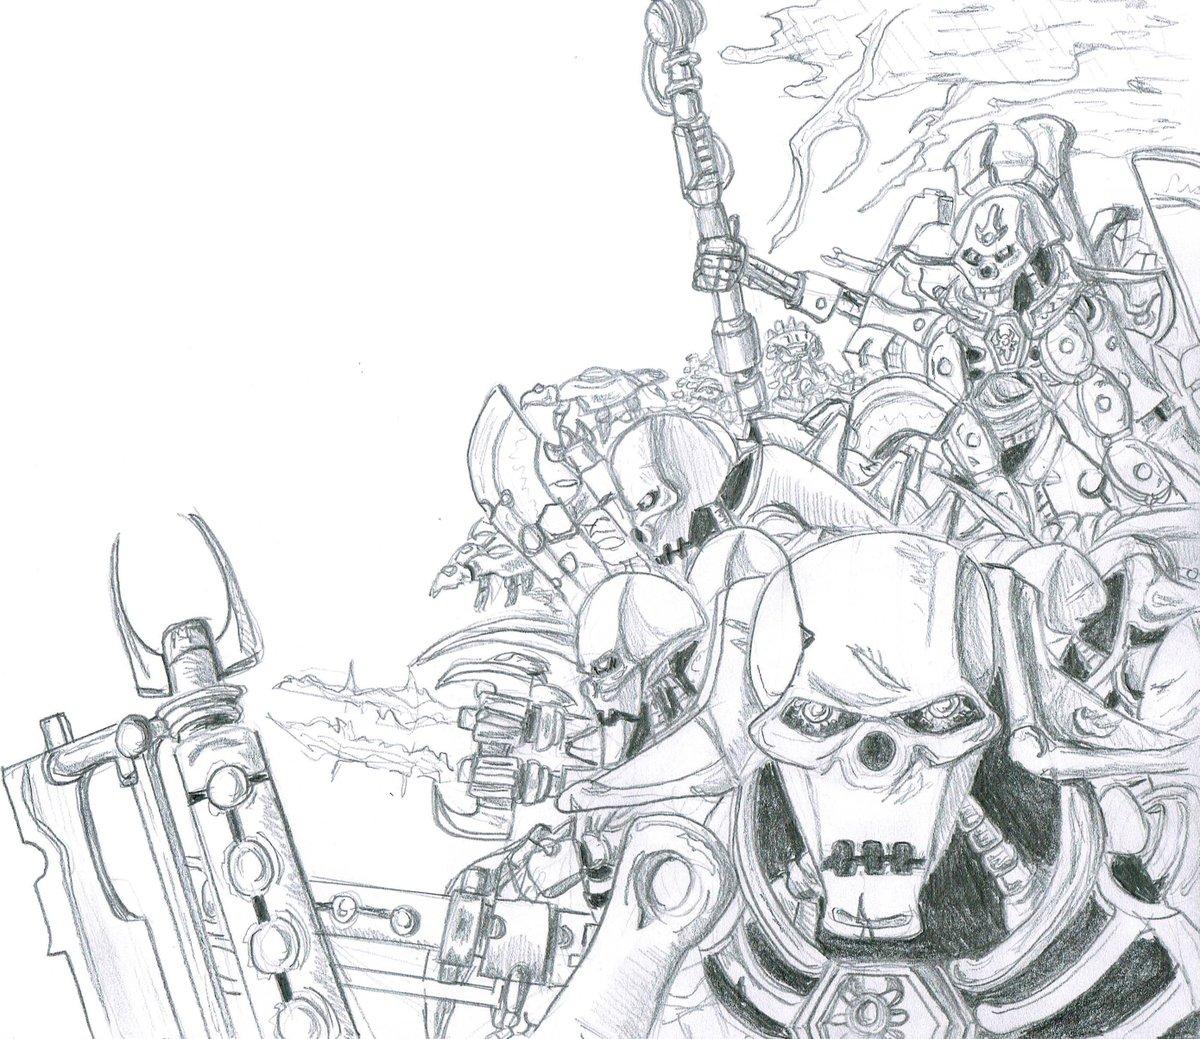 The Inevitable Indomitus   #40k #warhammer #wh40k #necron #xenos #indomitus https://t.co/zGWEWhyVZC